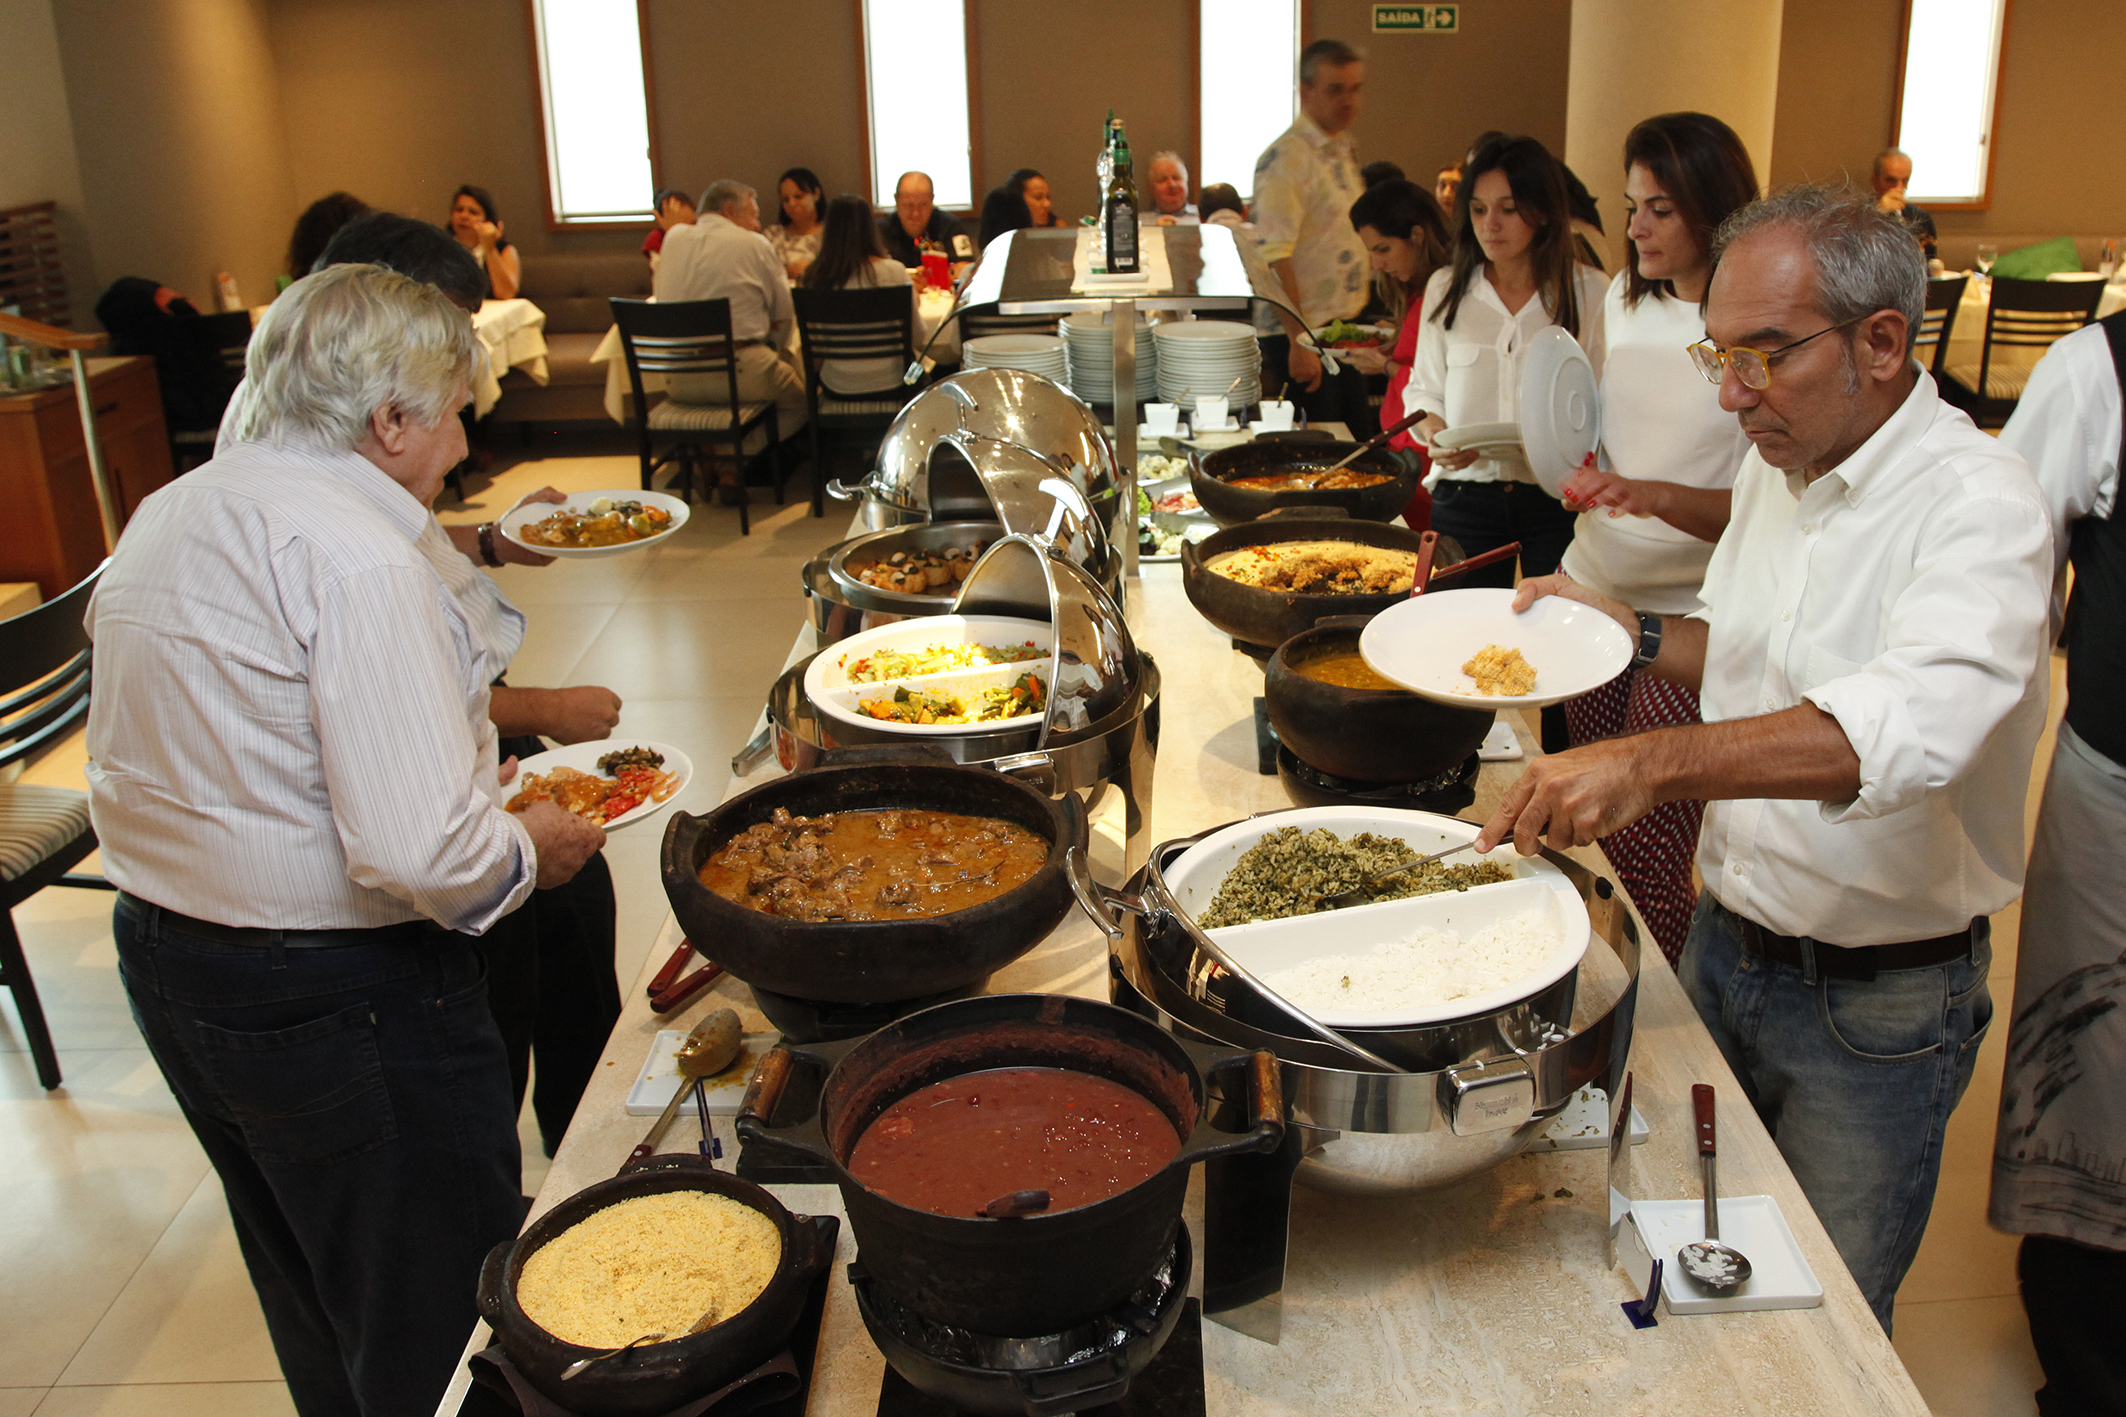 Semana da Gastronomia Regional do Maranhao, no Restaurante Senac